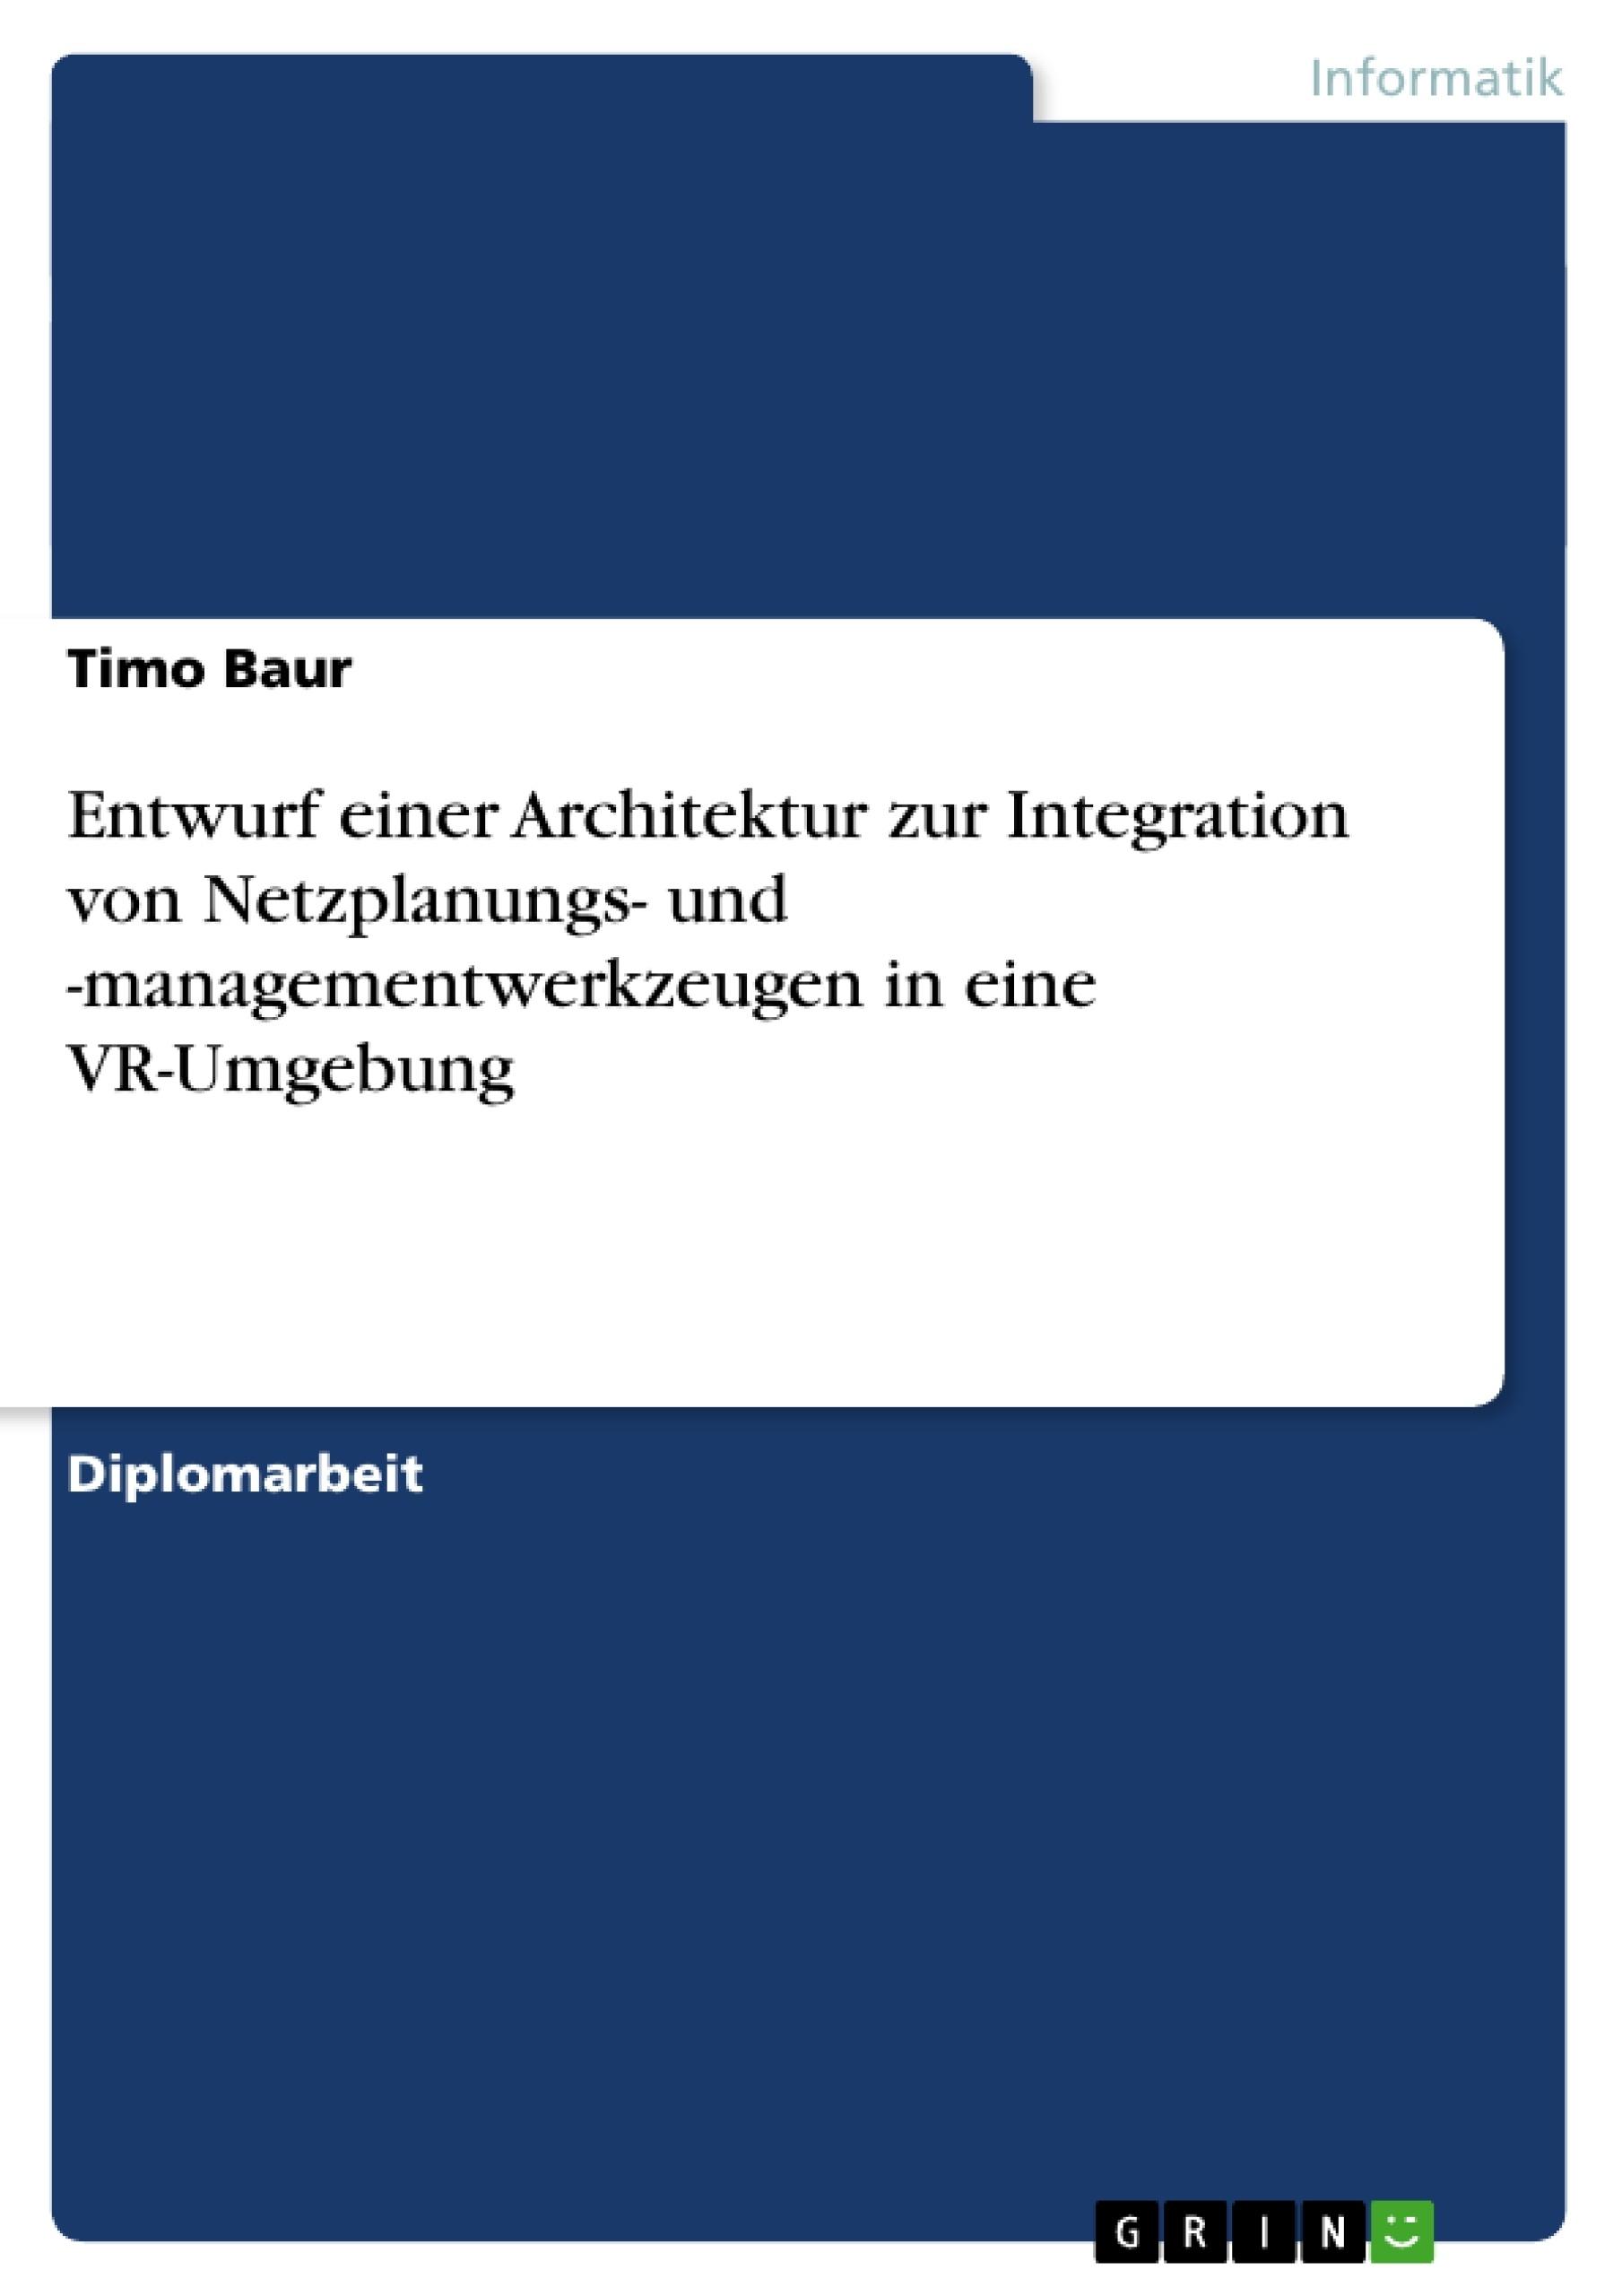 Titel: Entwurf einer Architektur zur Integration von Netzplanungs- und -managementwerkzeugen in eine VR-Umgebung